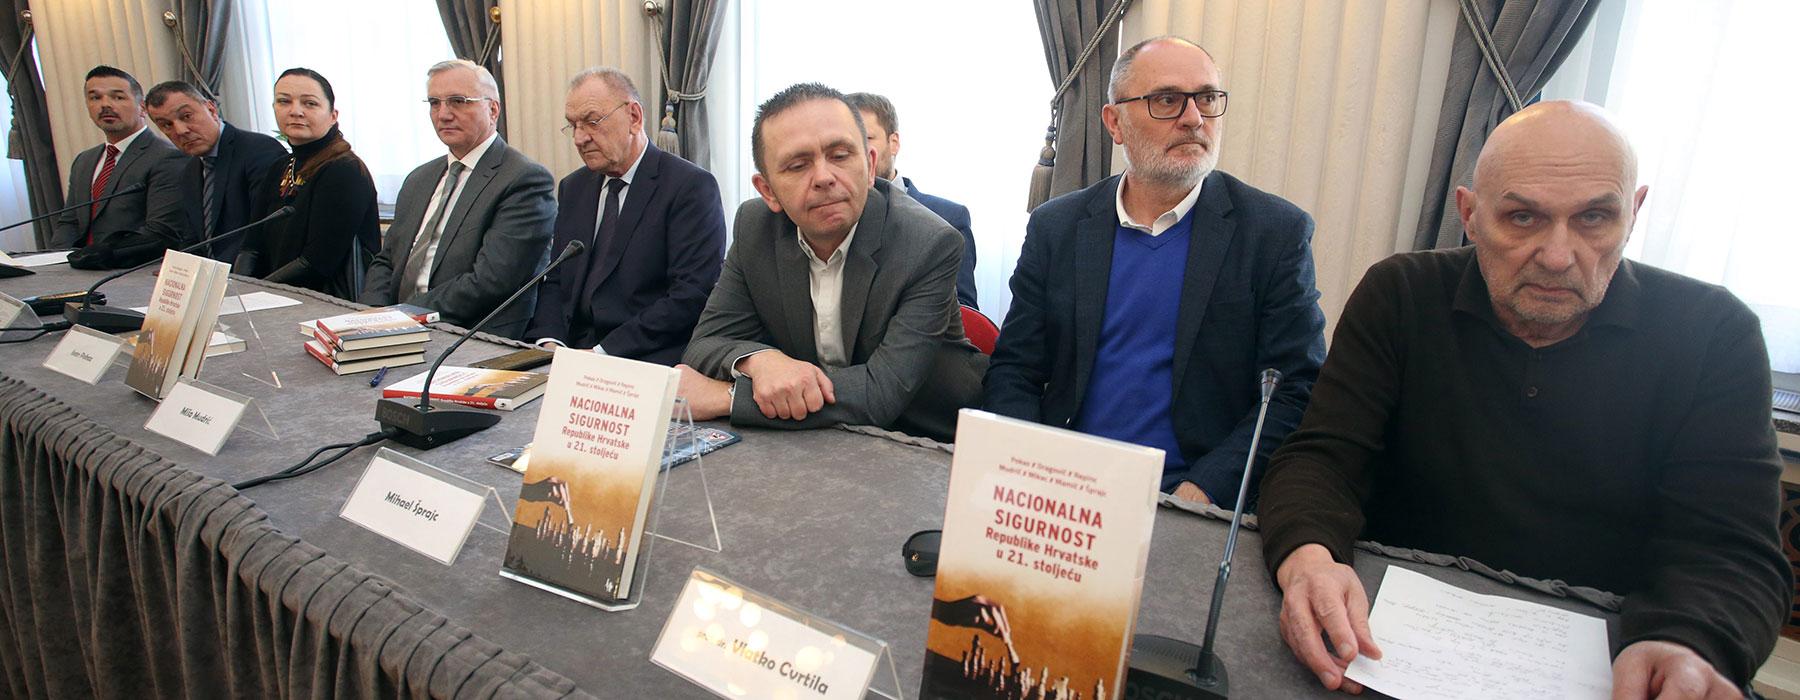 predstavljena knjiga Nacionalna sigurnost Republike Hrvatske u 21. stoljeću